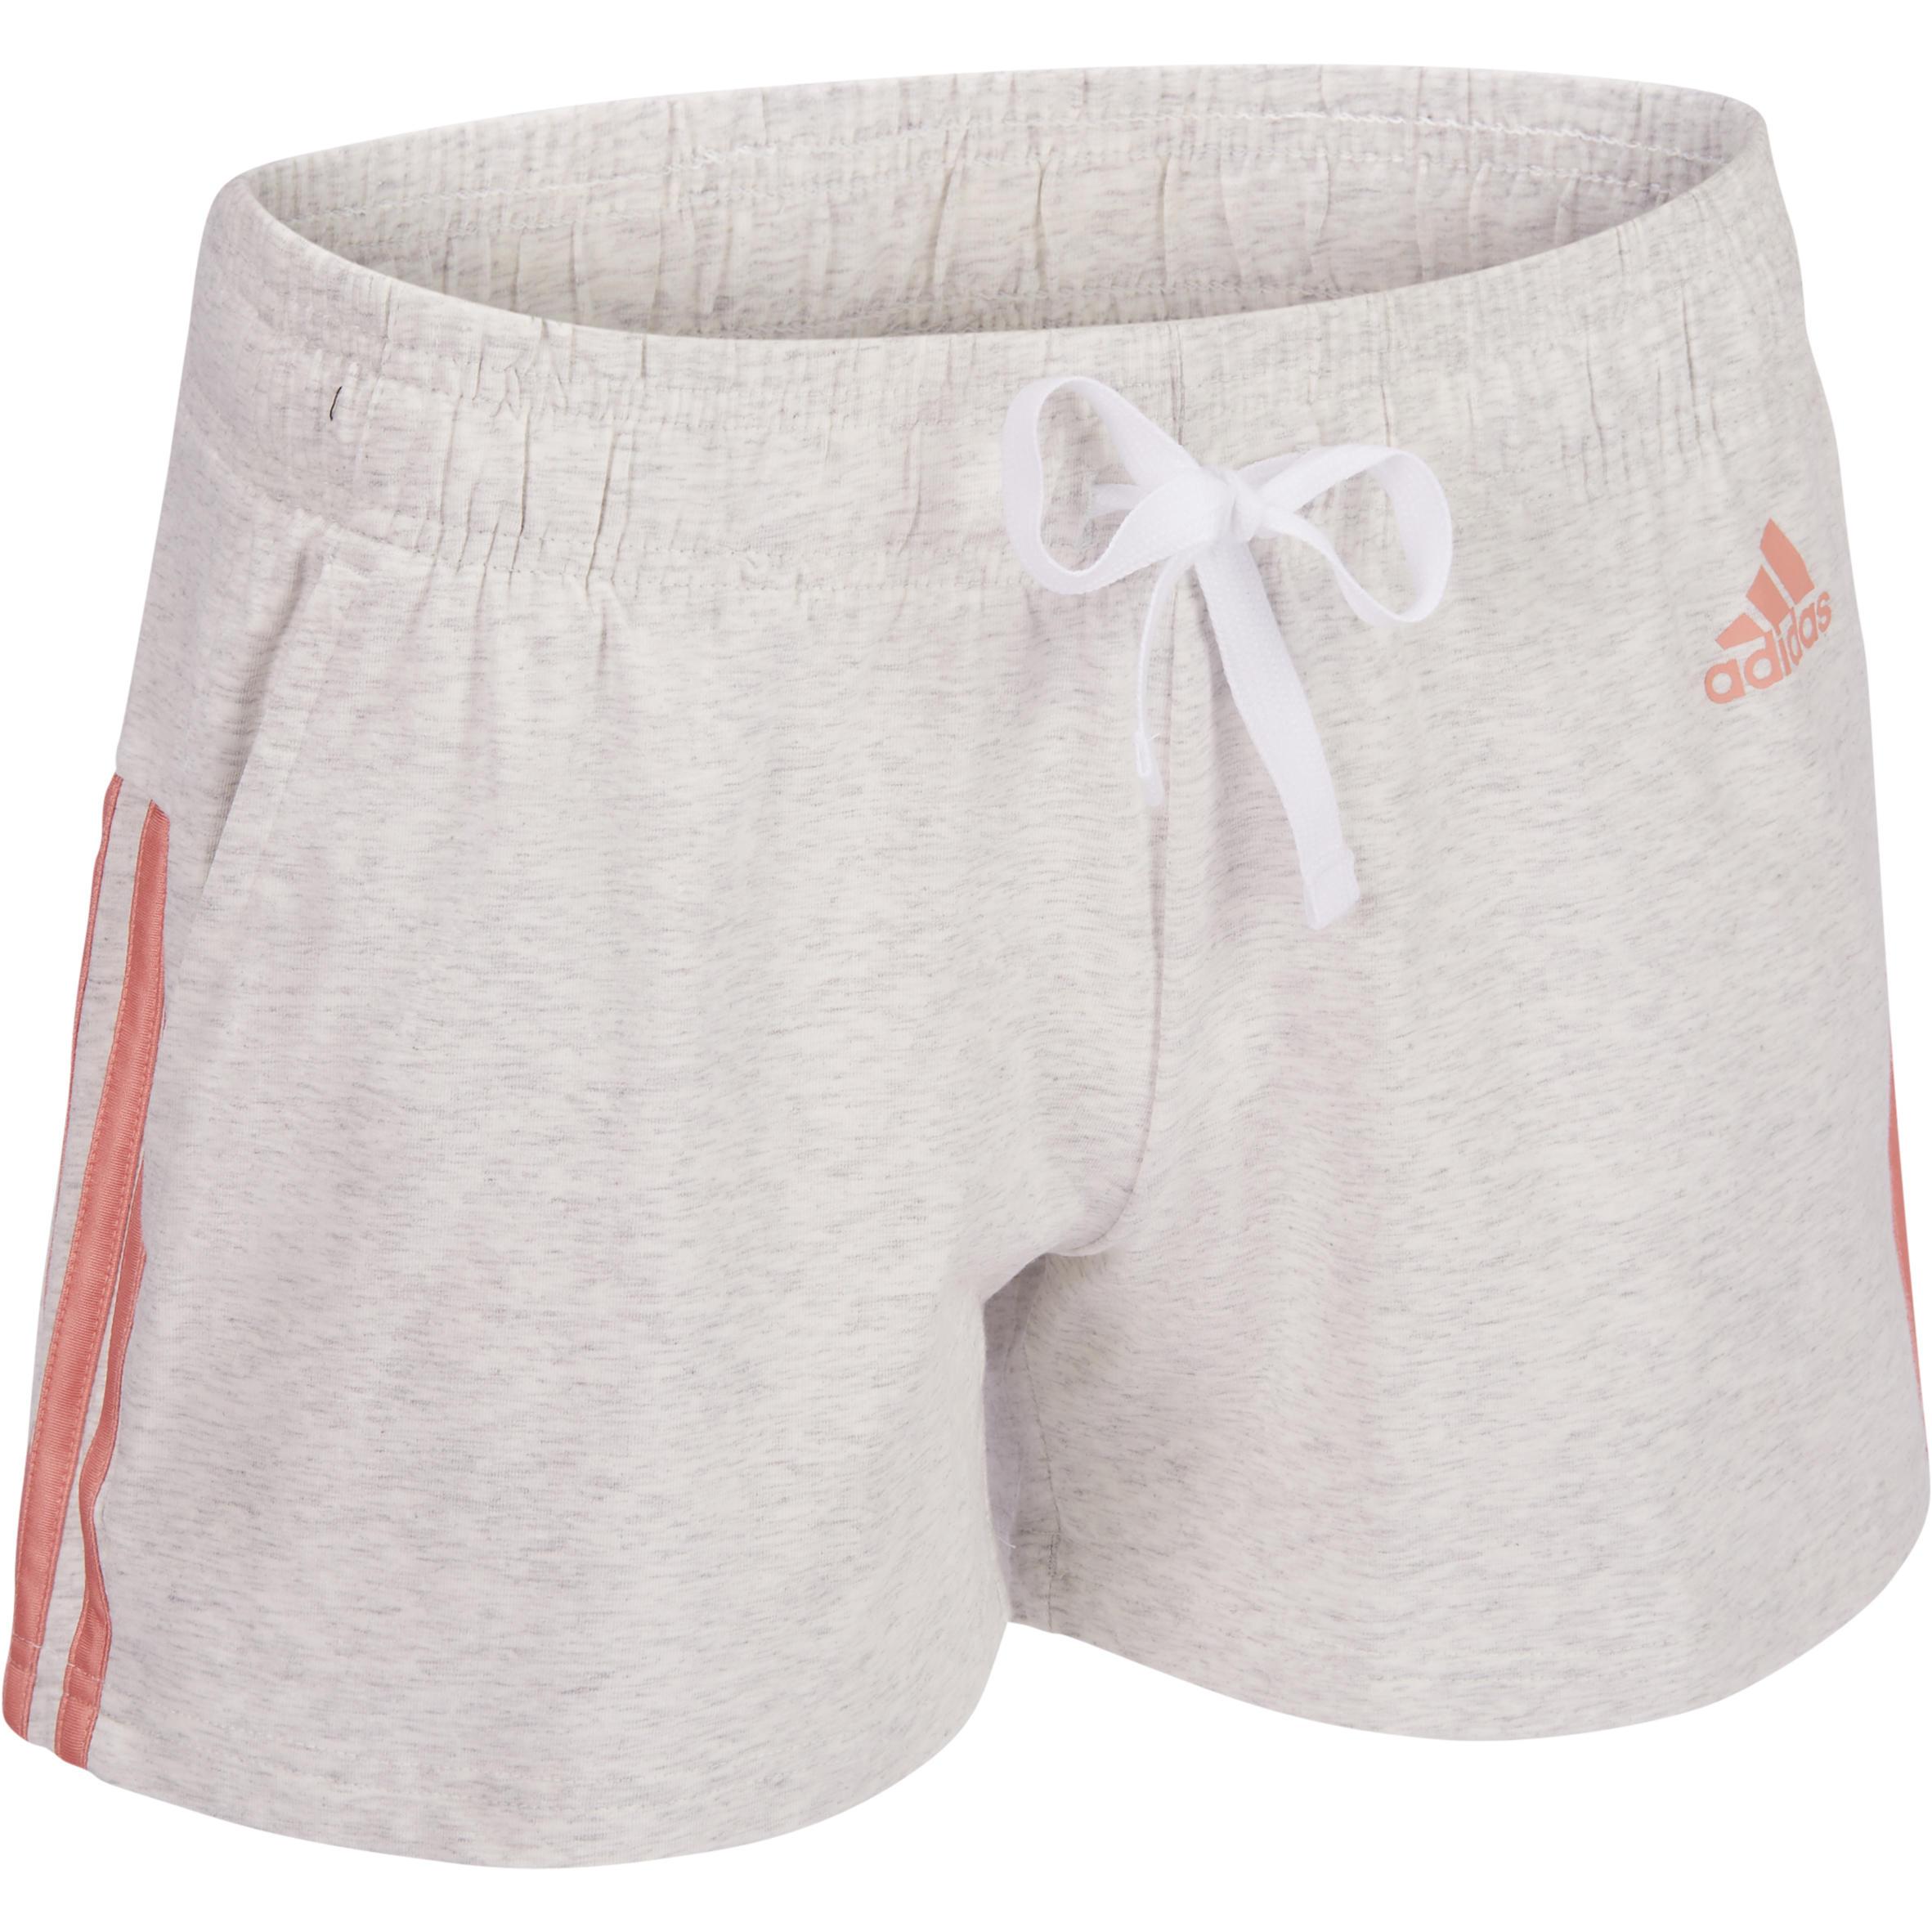 short coton adidas